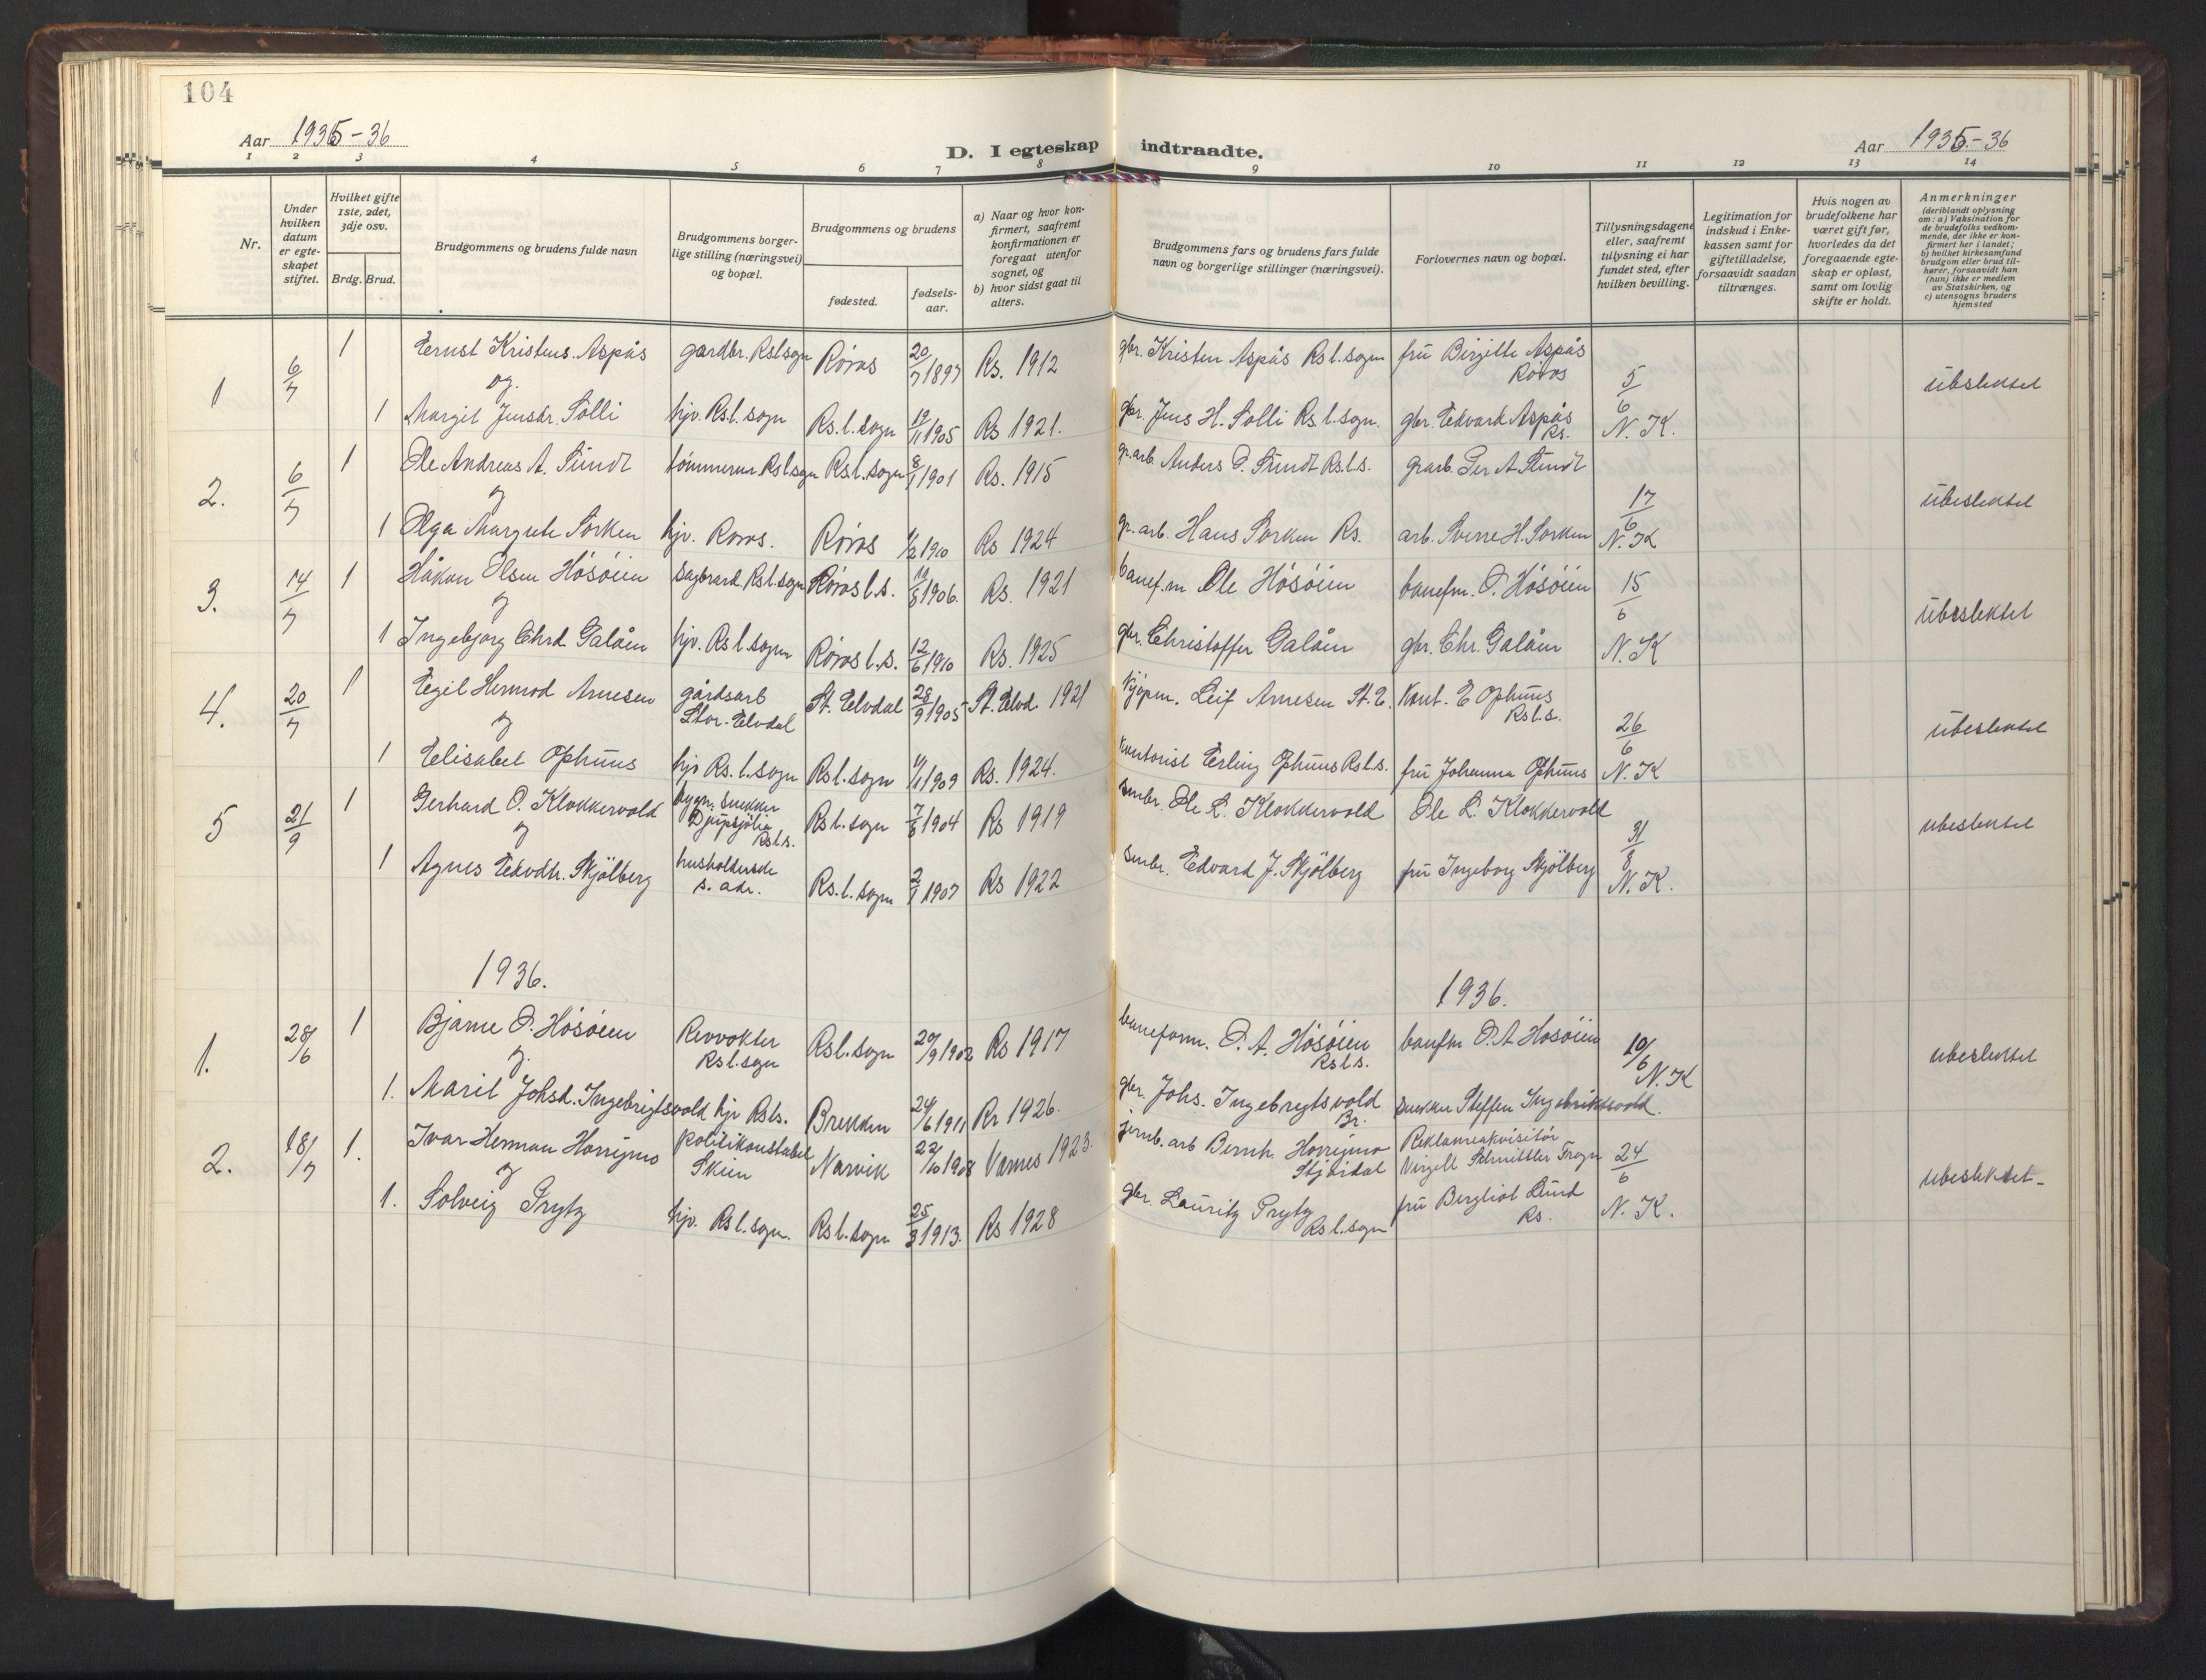 SAT, Ministerialprotokoller, klokkerbøker og fødselsregistre - Sør-Trøndelag, 681/L0944: Klokkerbok nr. 681C08, 1926-1954, s. 104